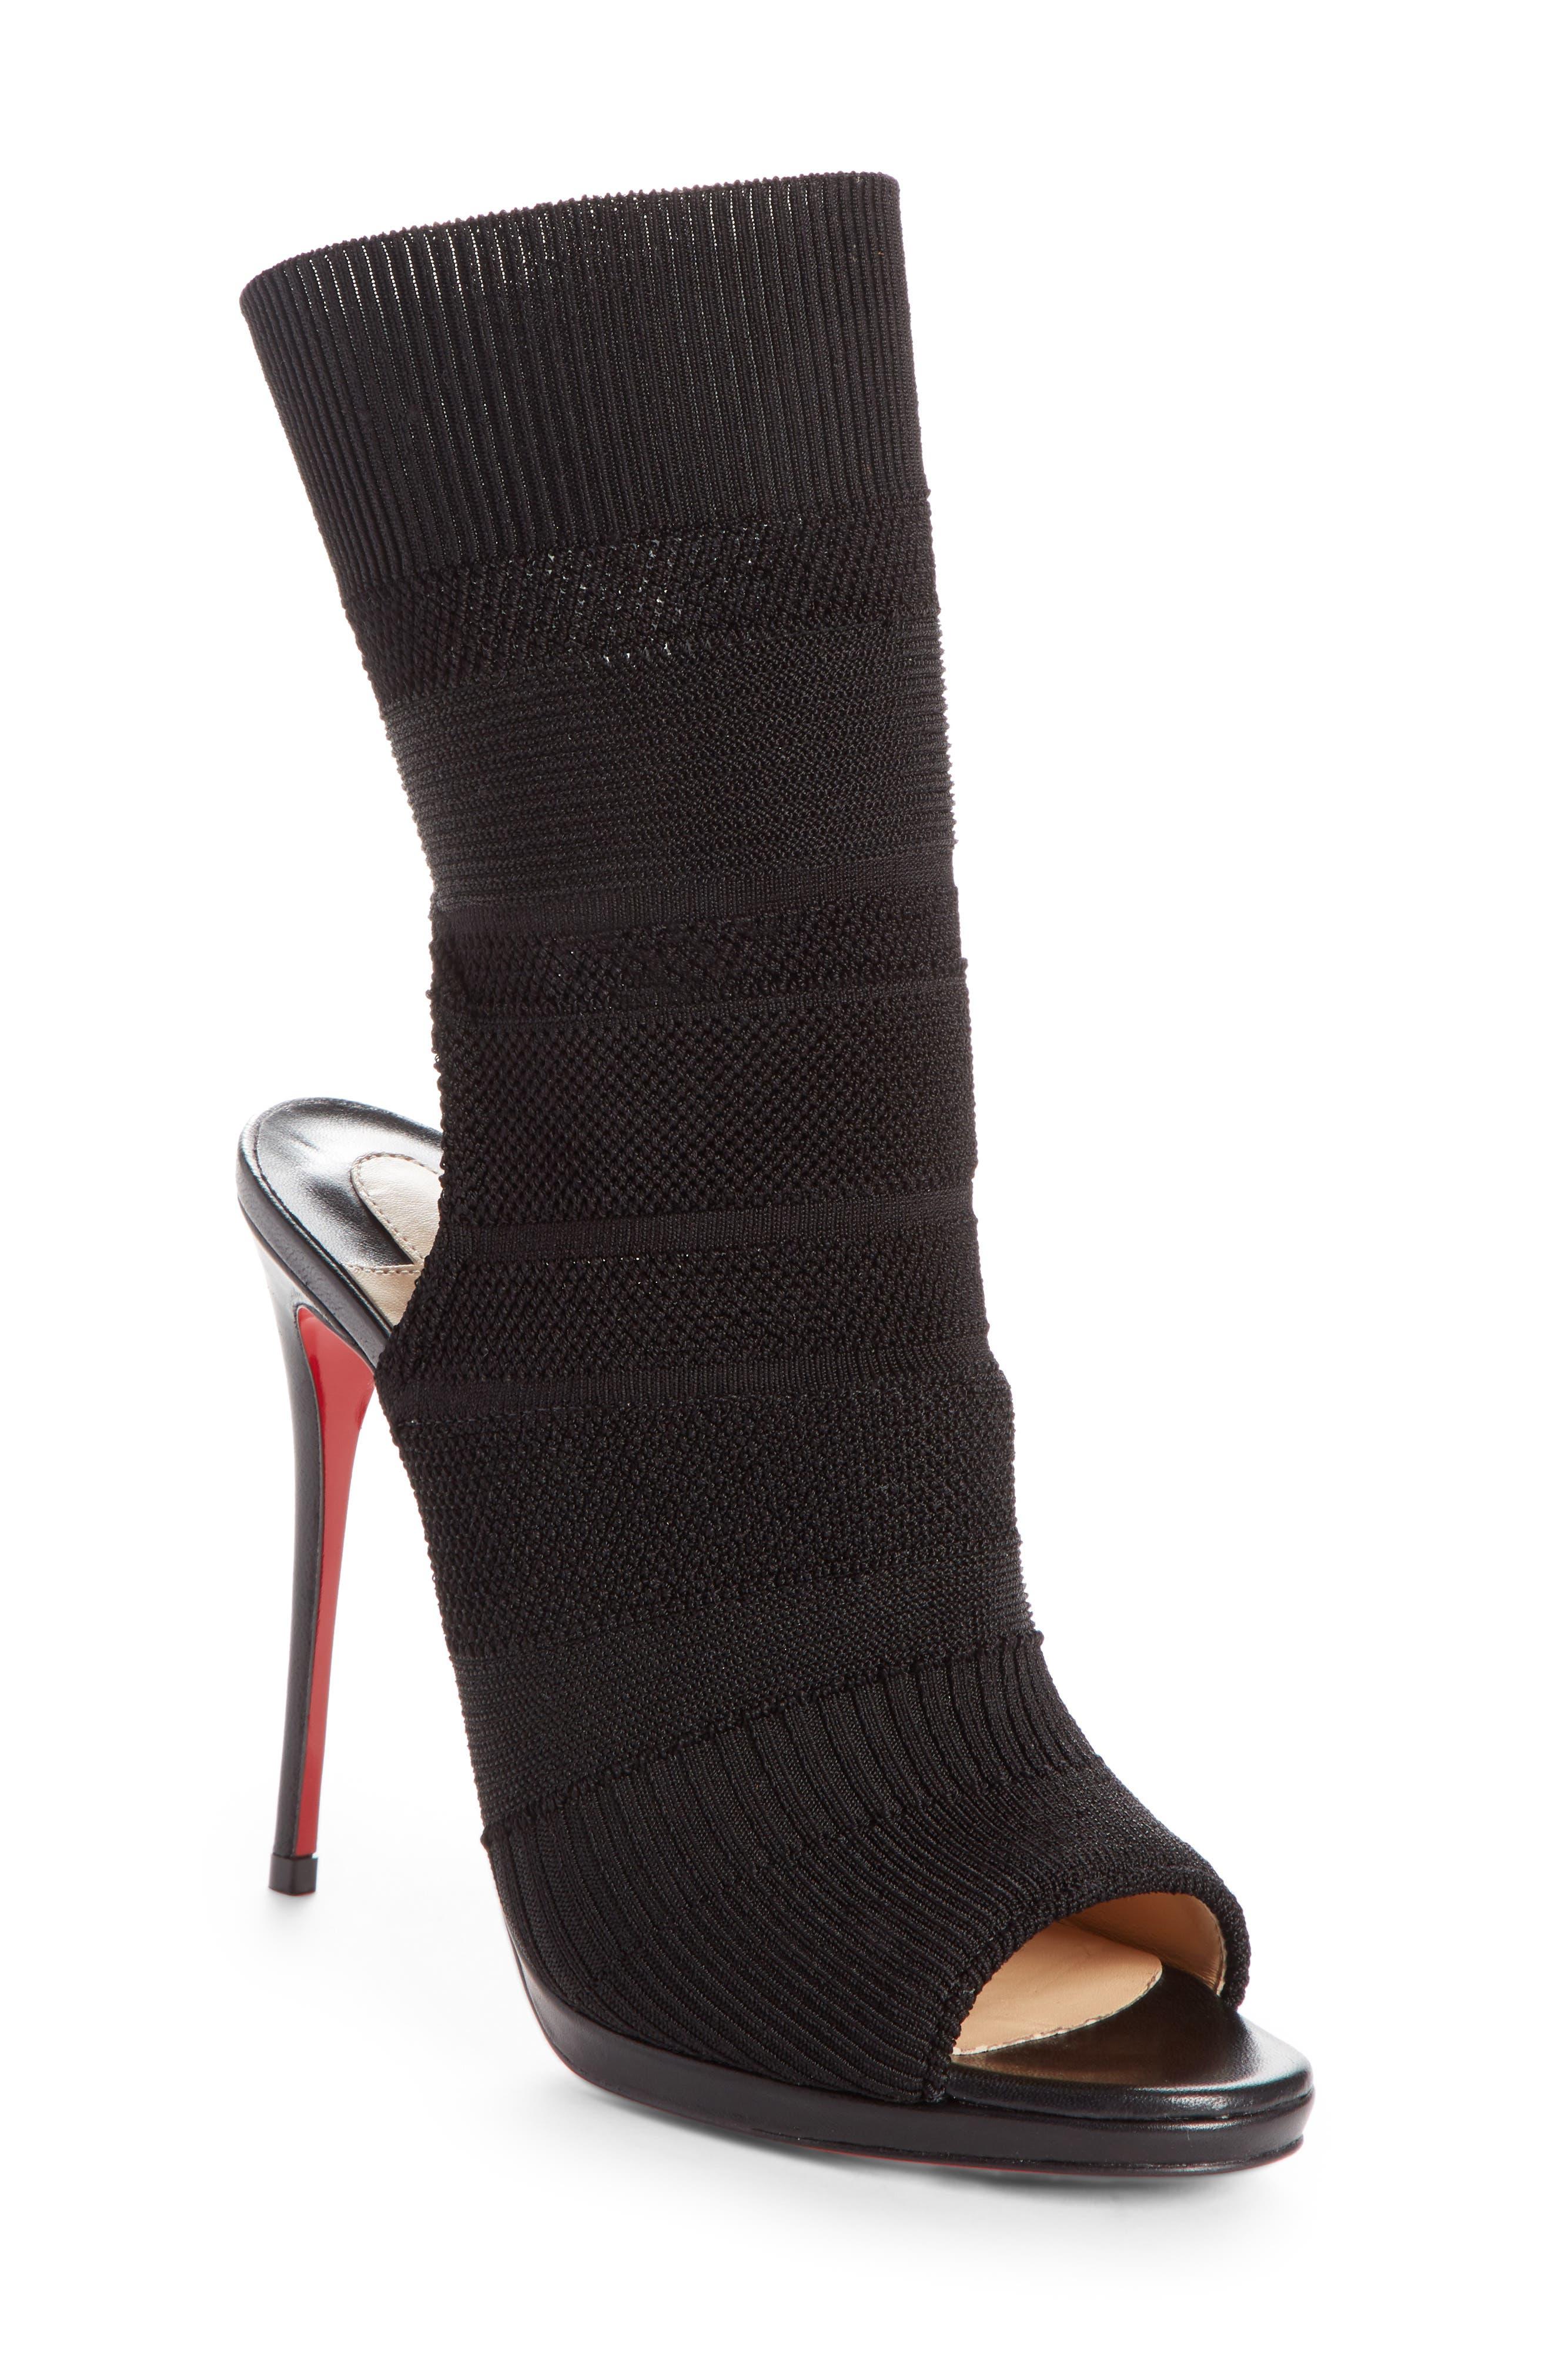 Cheminene Sock Sandal,                         Main,                         color, Black